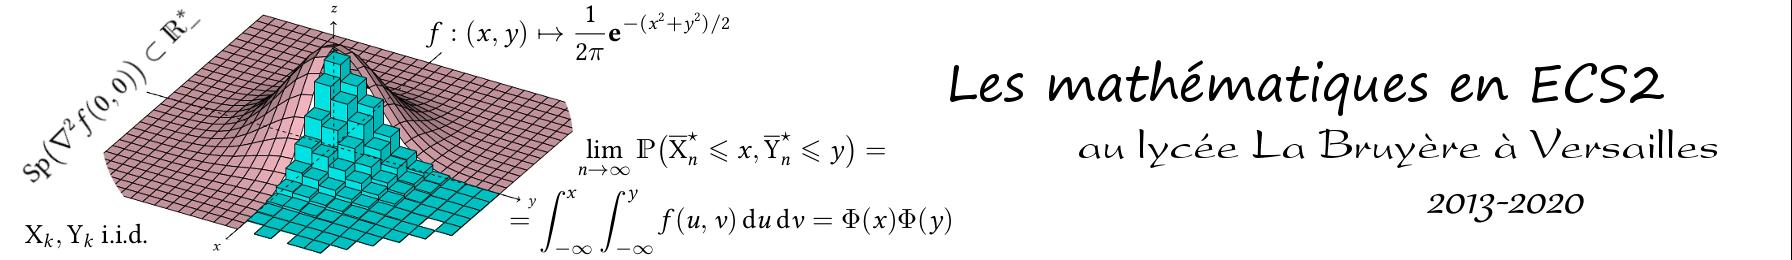 Les maths en ECS2 à La Bruyère